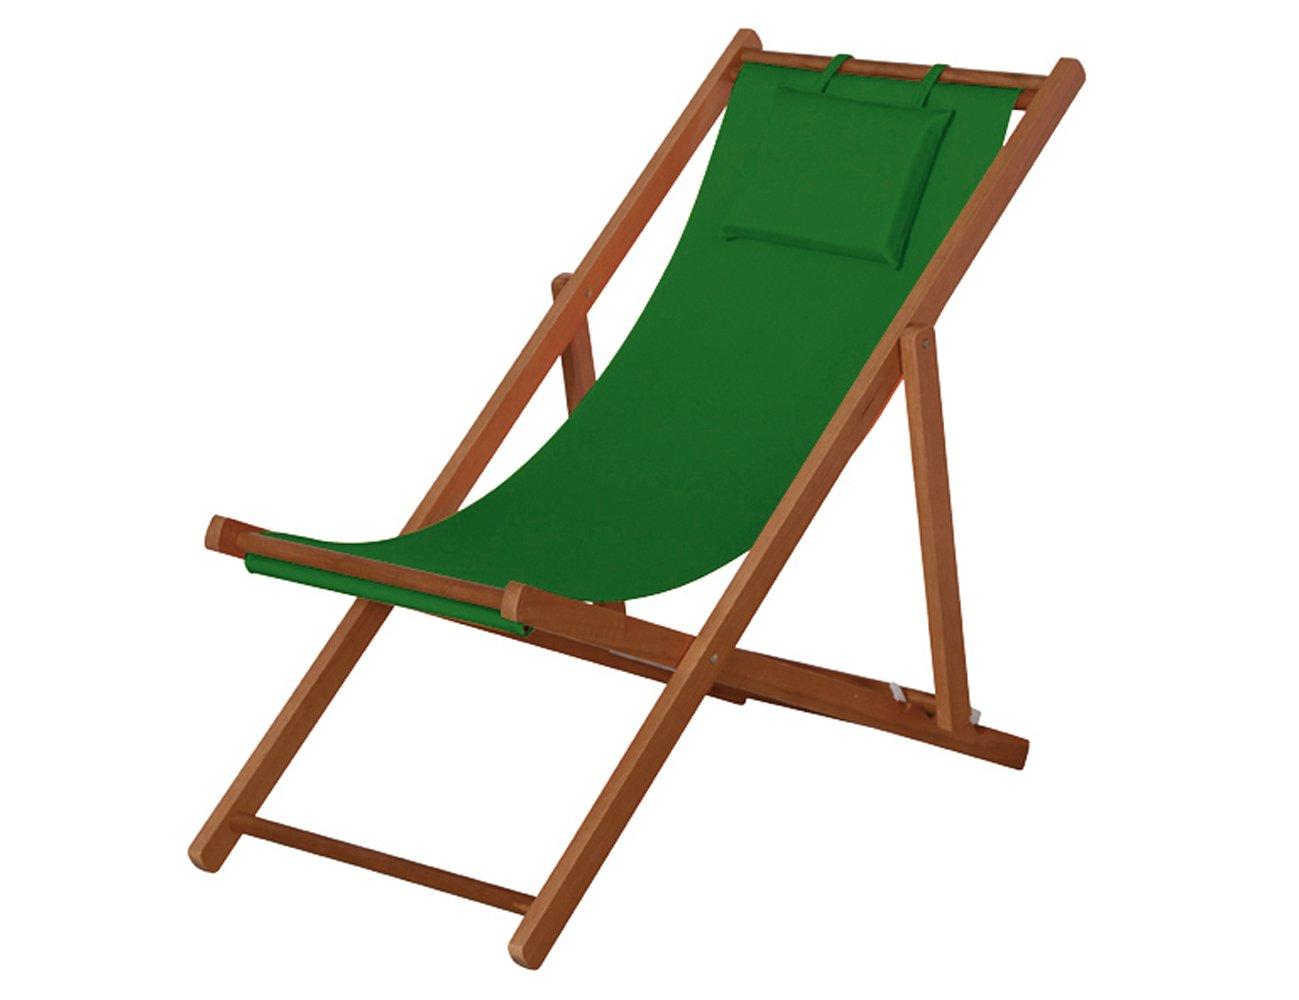 Siena Garden 732152 Liegestuhl Faro Hartholz-Gestell Stoffbezug grün Rücken mehrfach verstellbar